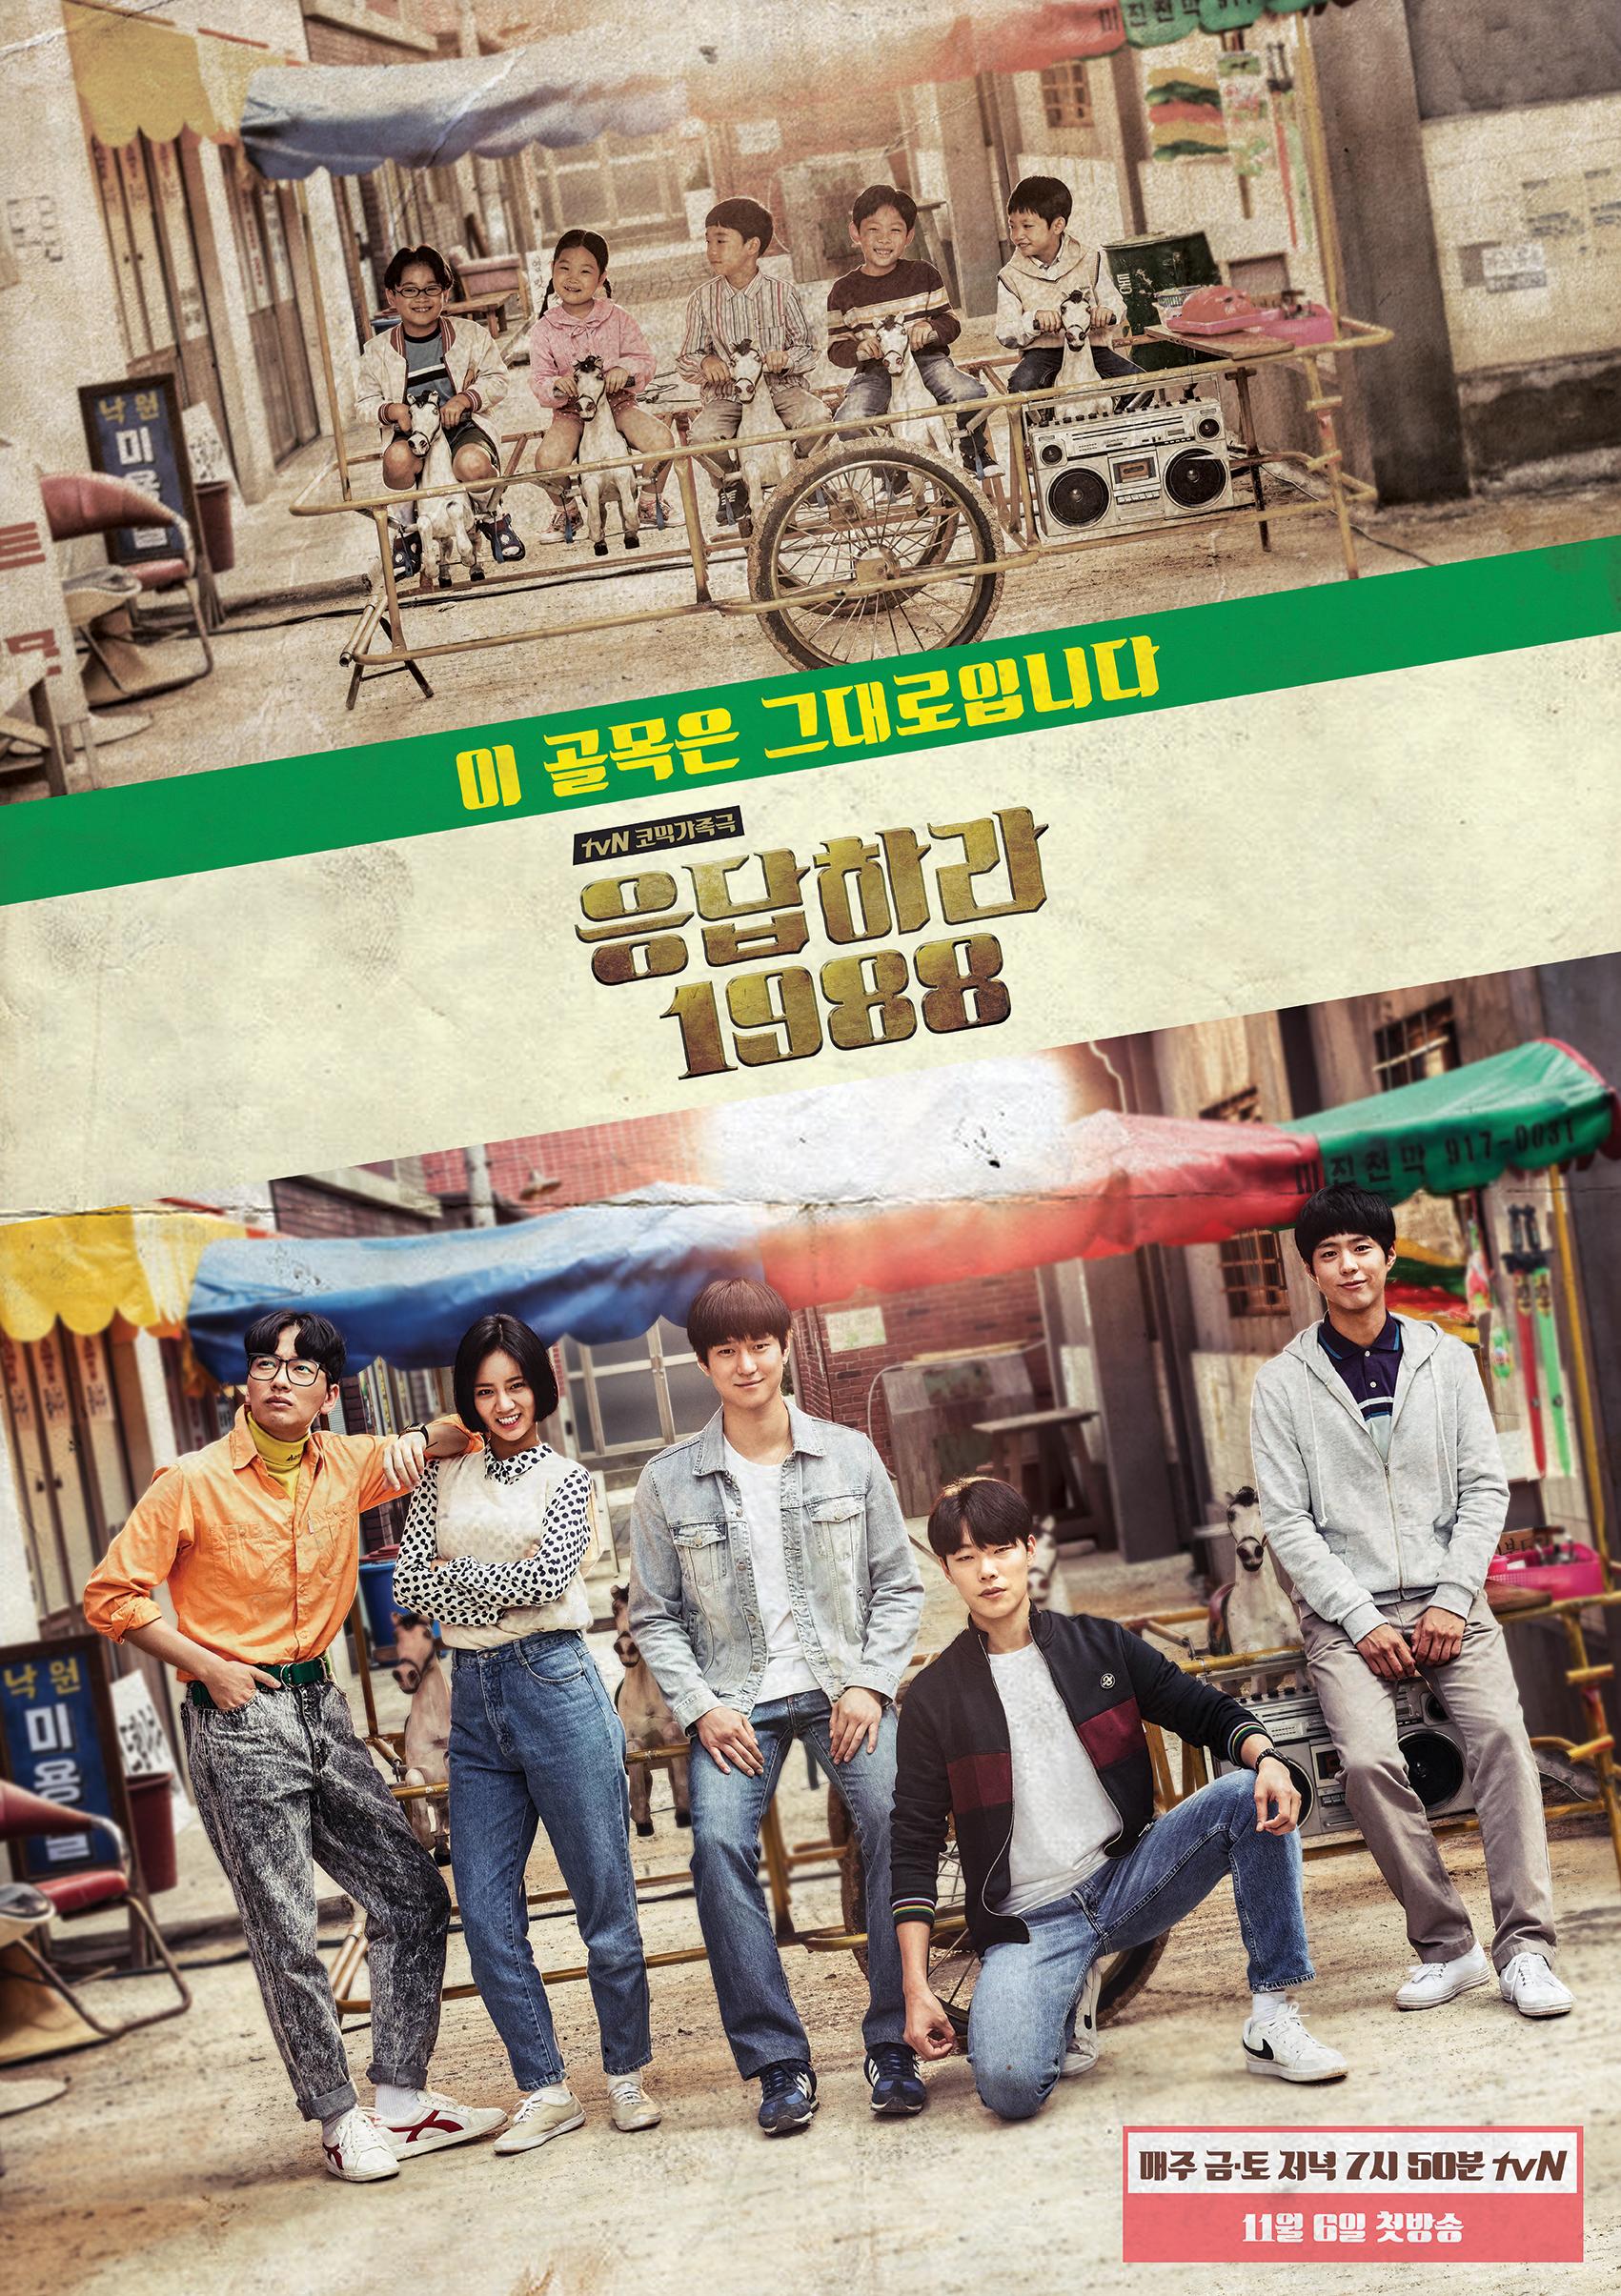 前陣子熱播中的韓劇《請回答1988》,劇情勾起韓國人的舊時回憶,並引起許多共鳴。